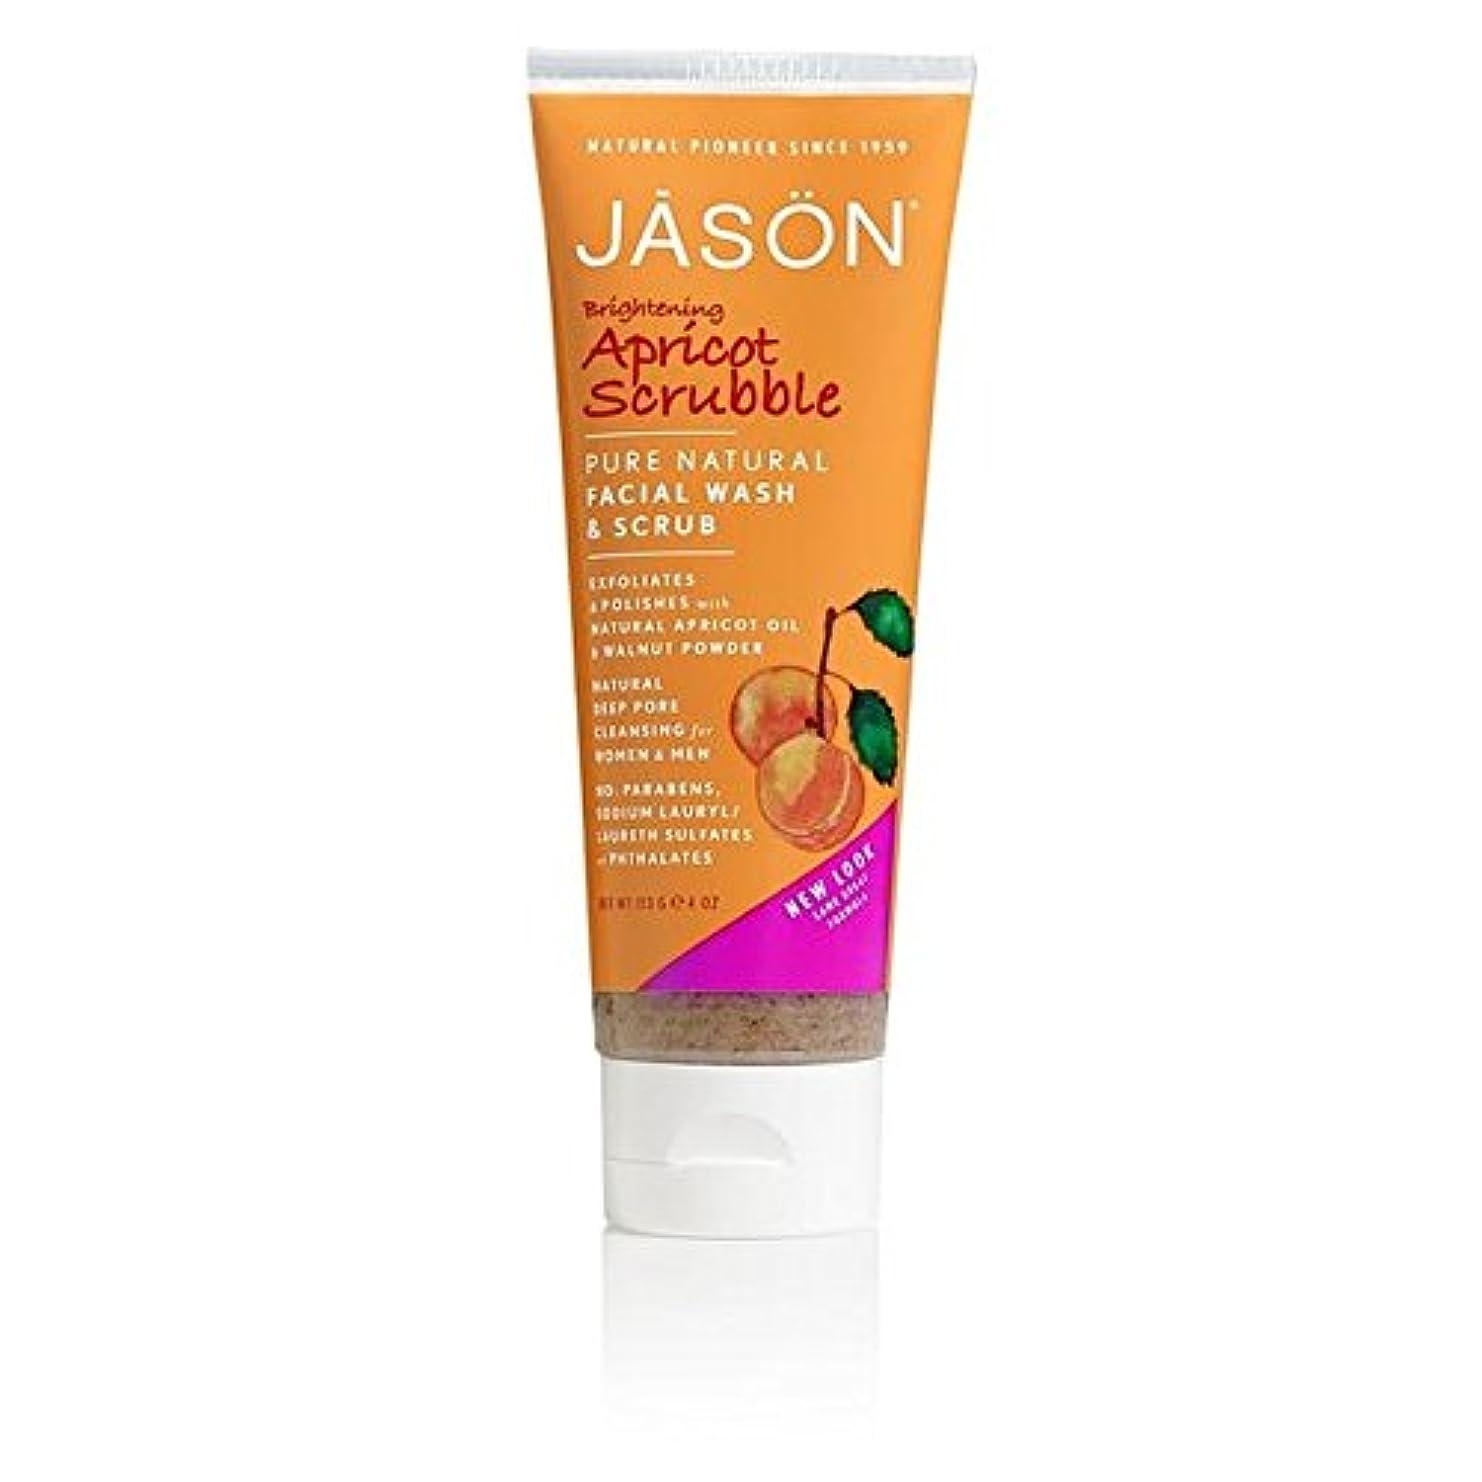 交差点フランクワースリー強化するジェイソン?アプリコット洗顔&スクラブ128ミリリットル x2 - Jason Apricot Facial Wash & Scrub 128ml (Pack of 2) [並行輸入品]